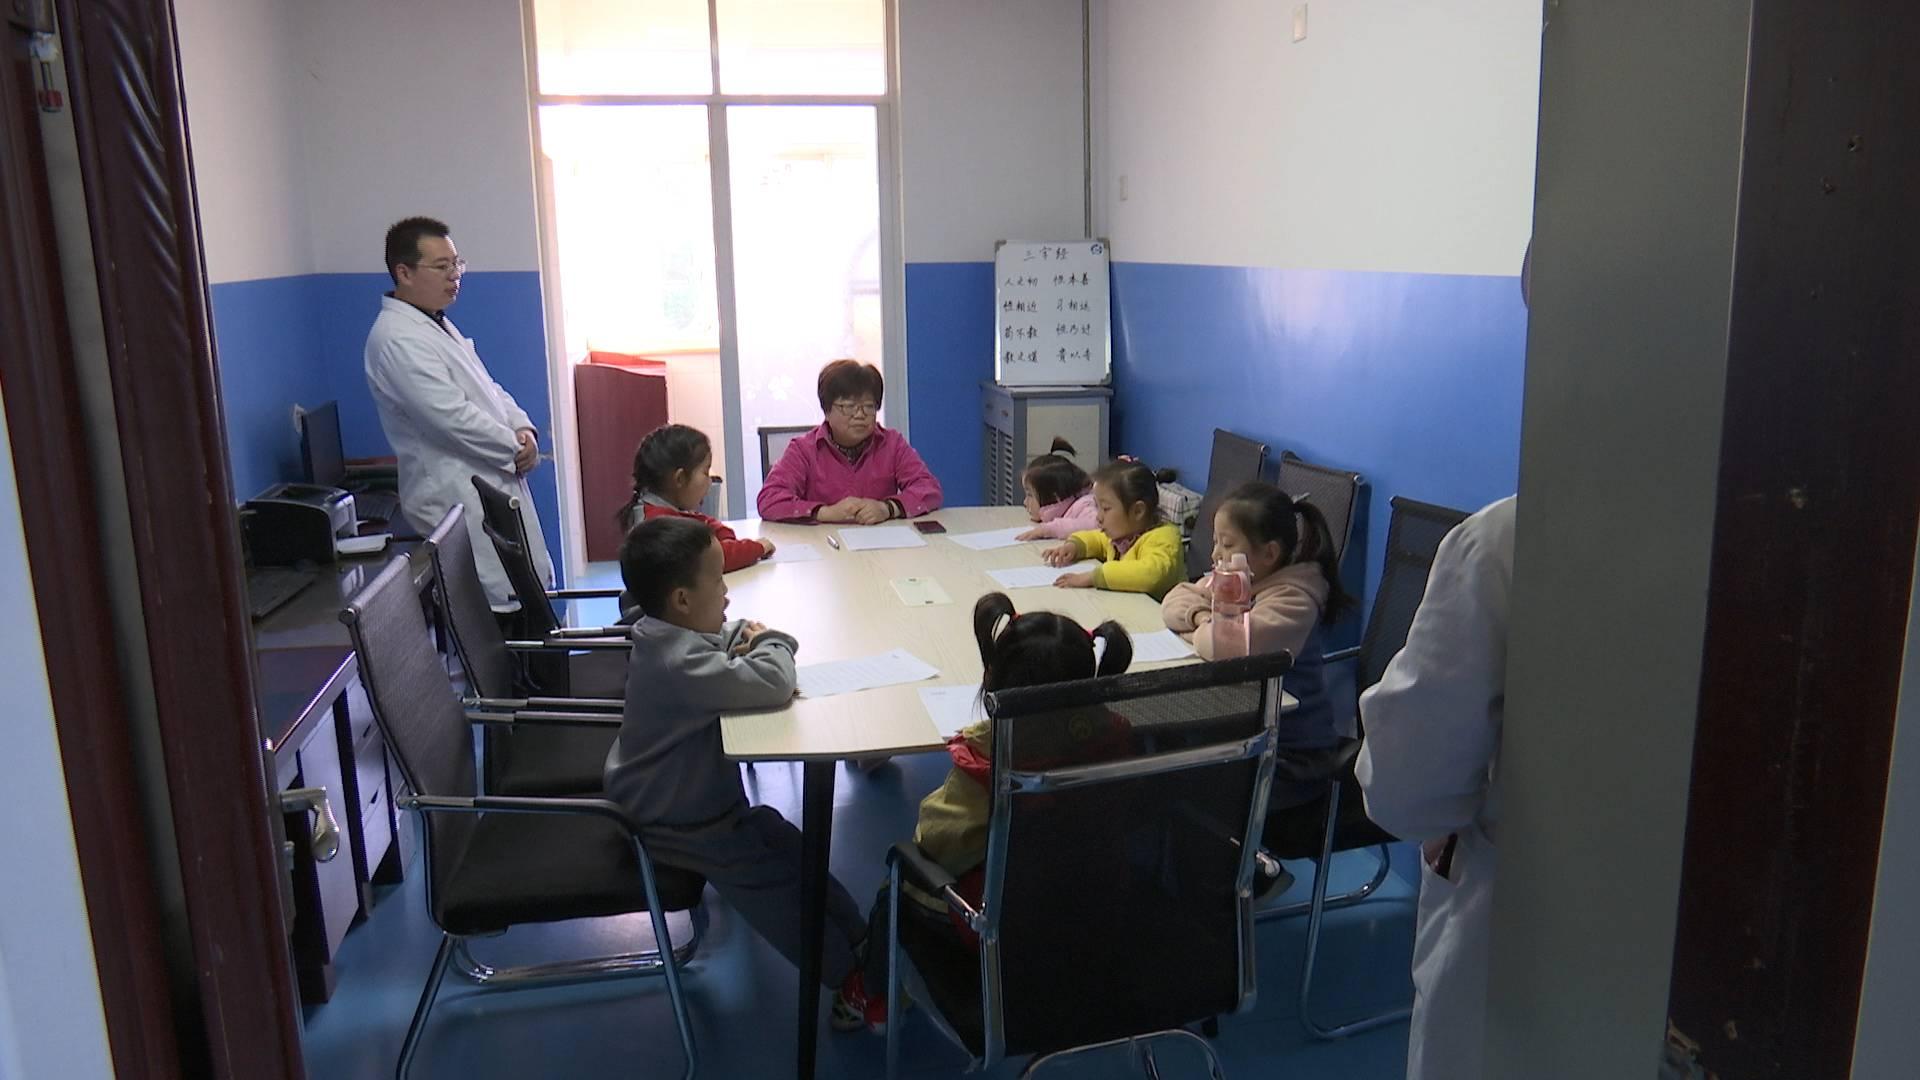 79秒丨医院里有了小课堂!来济看病的她免费辅导孩子功课